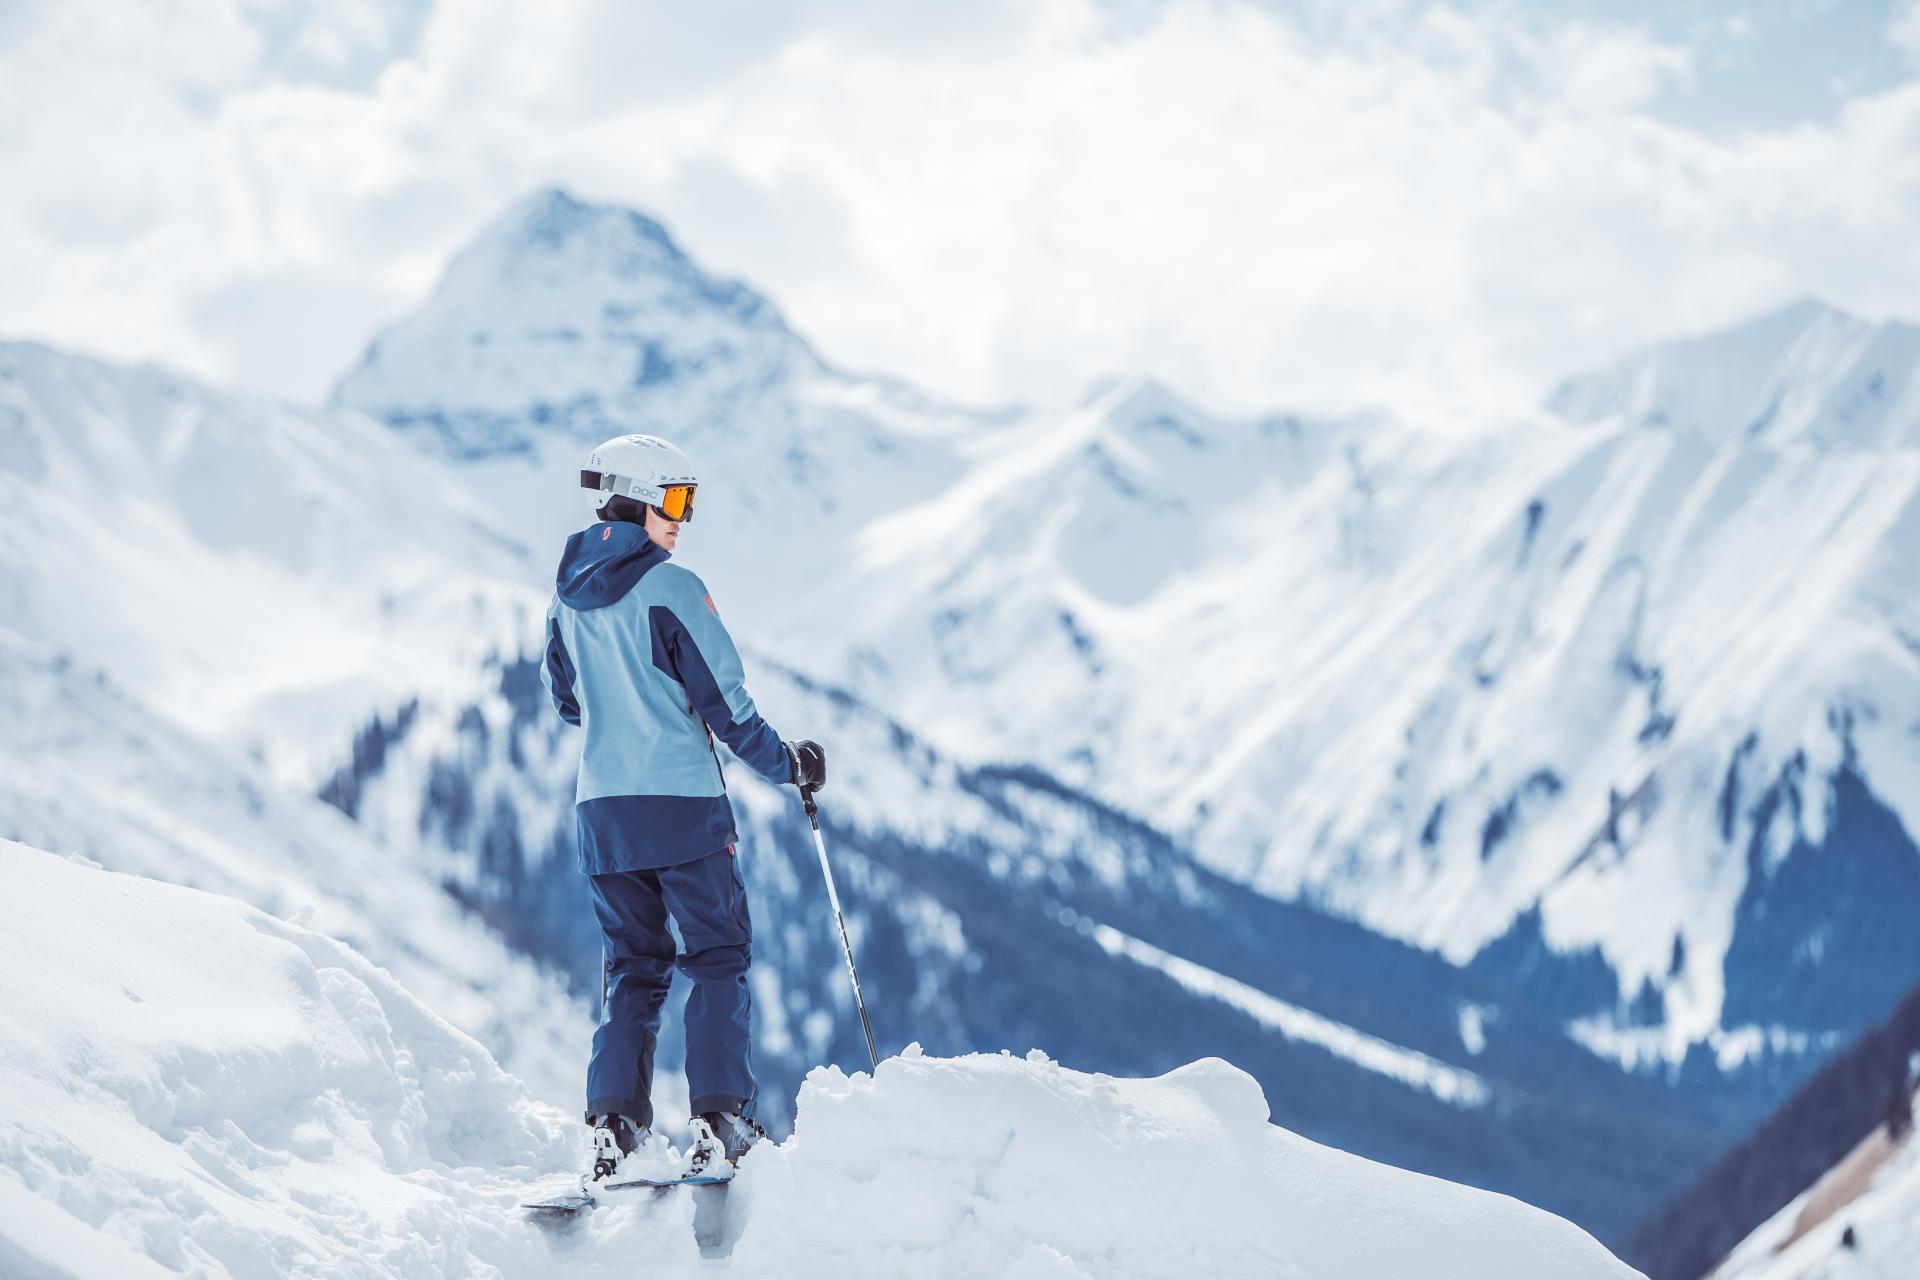 4 Sterne Zugspitzhof Ehrwald #Winter#Ski und Snowboard#Wetterbericht